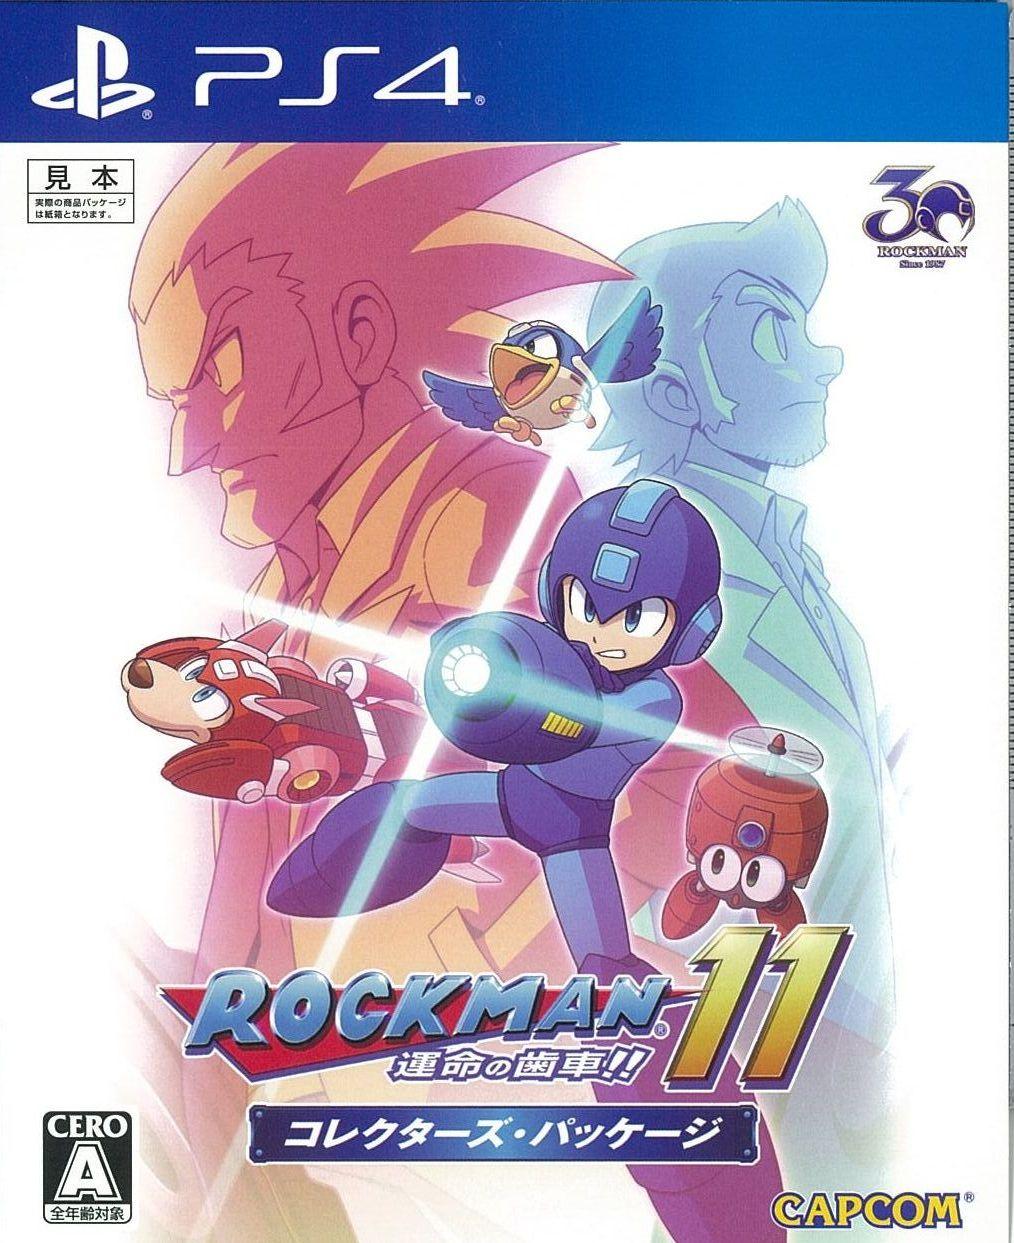 ロックマン11 運命の歯車!! コレクターズ・パッケージ [PS4版] 超特価